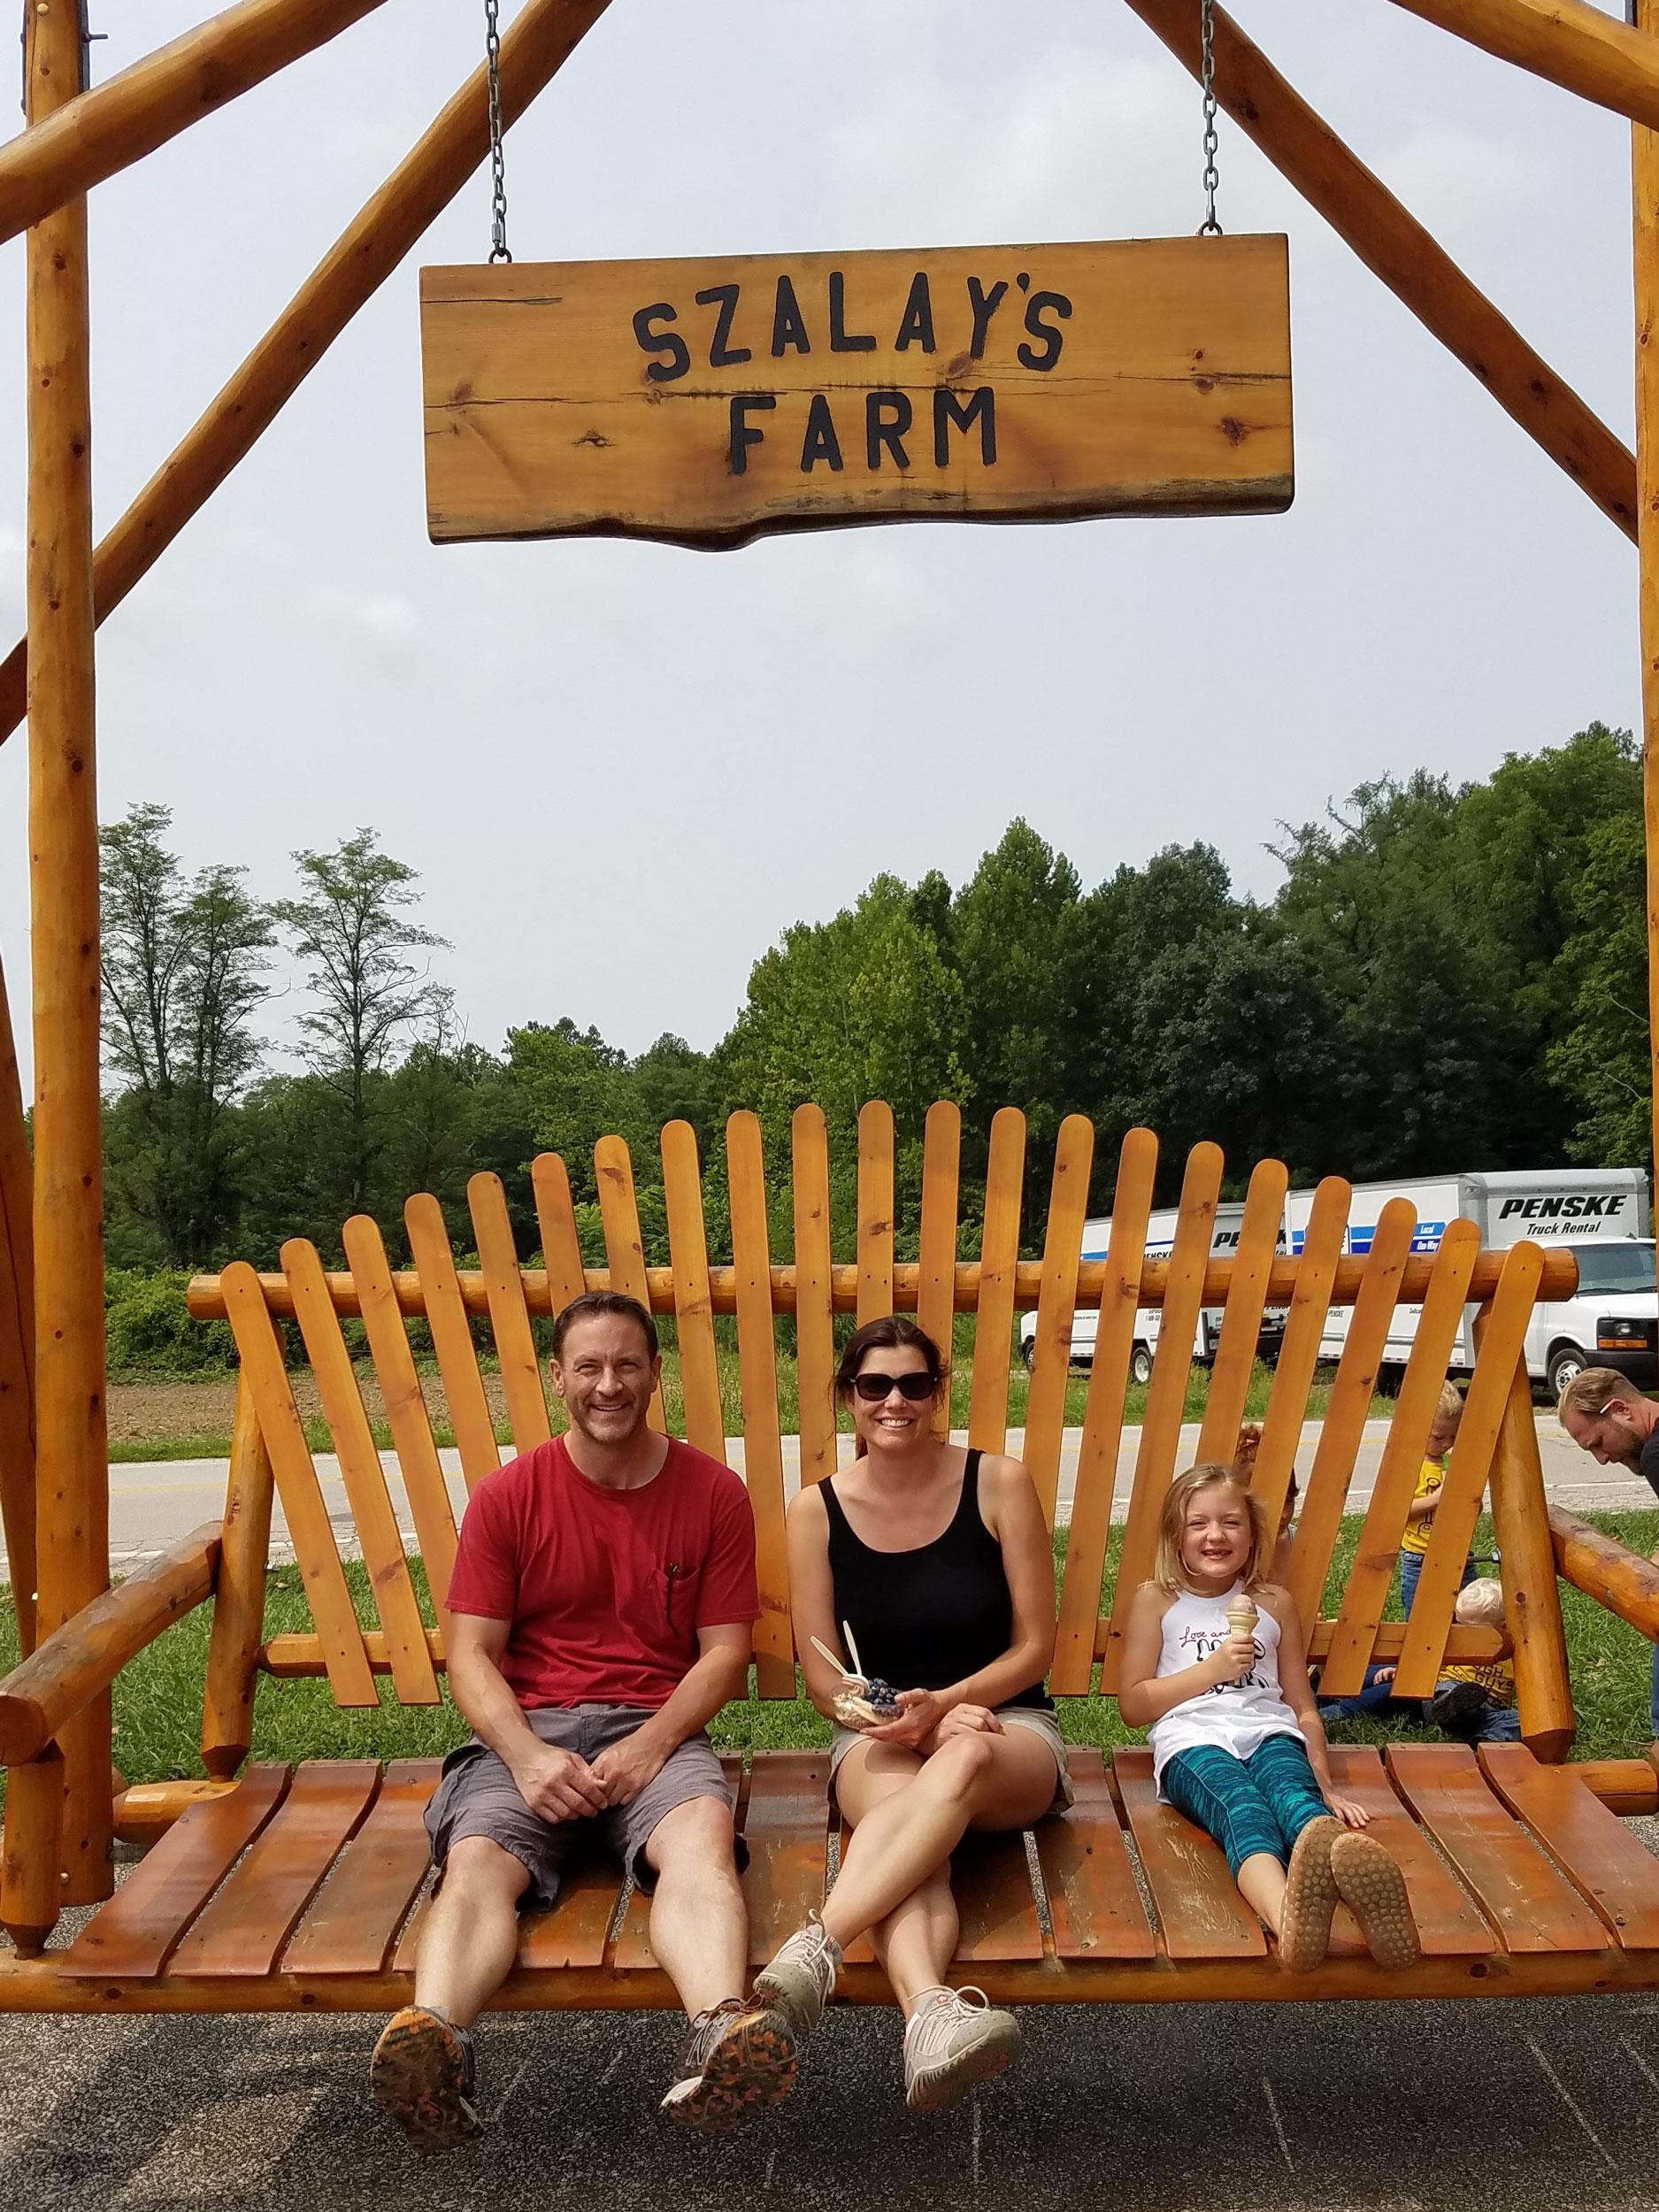 Szalay's Sweet Corn Farm and Market